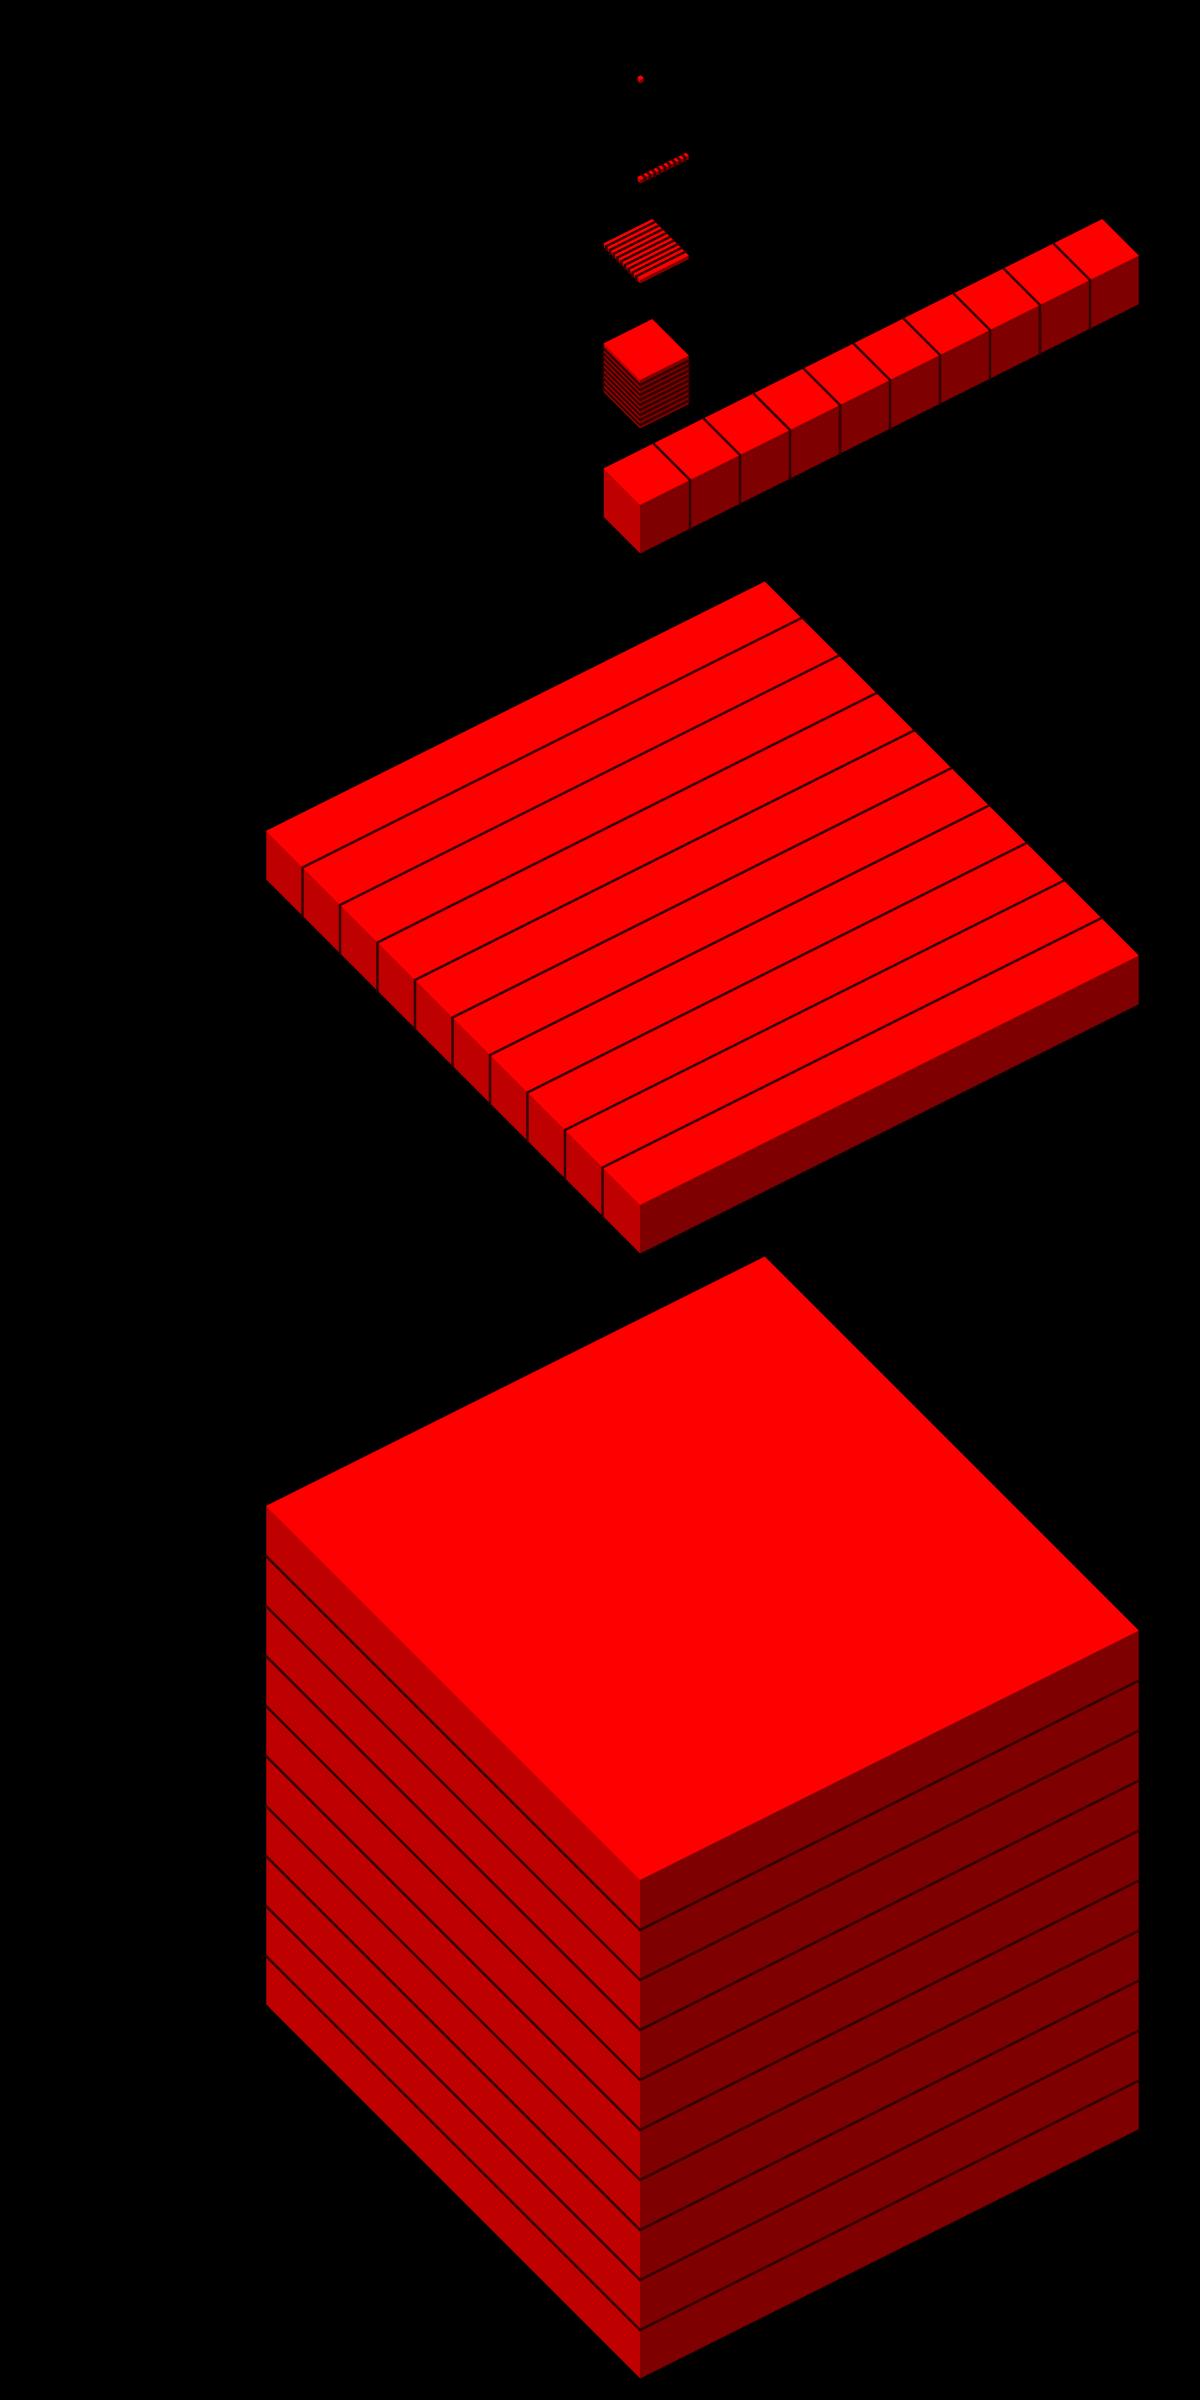 Lbertex yra dvejetainiai variantai. Minimalus įnašas nuo $ 10: